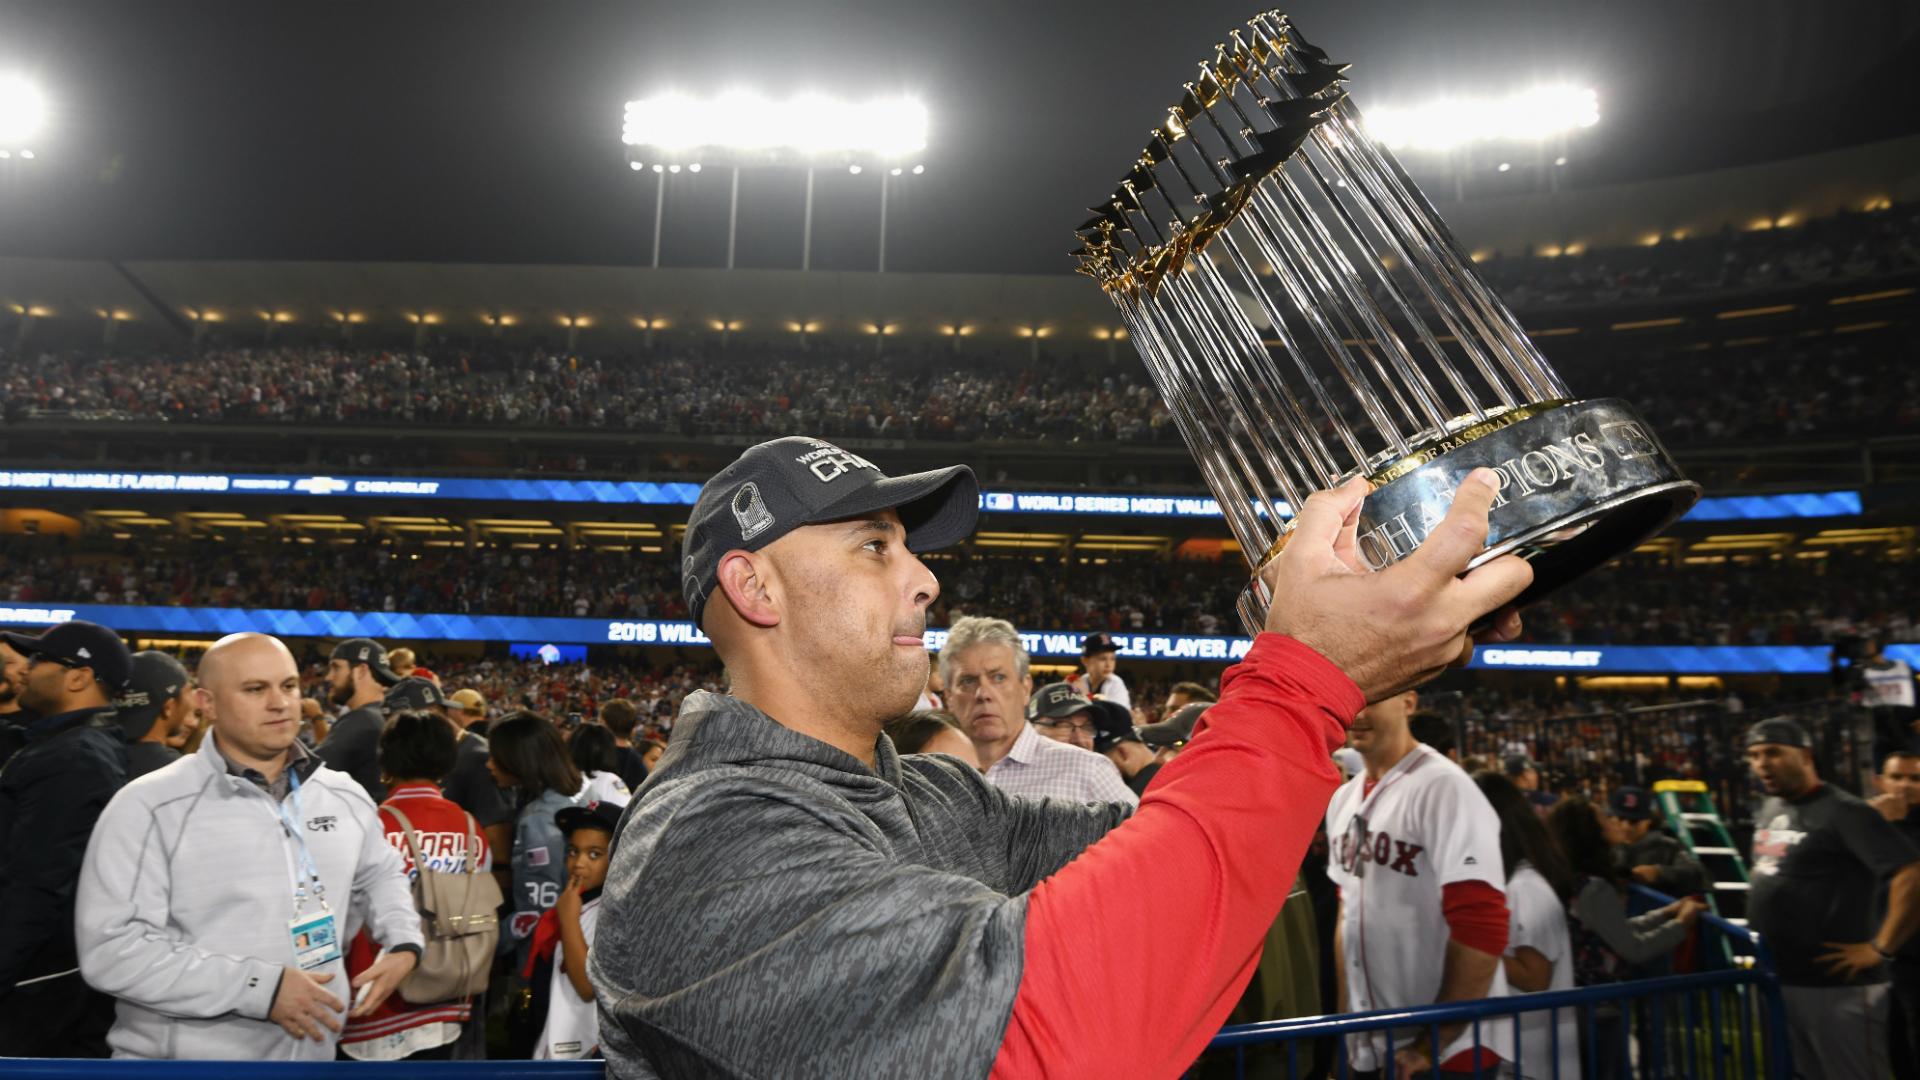 Alex-cora-boston-red-sox-world-series-28102018_in0gk5idhts71g3wrus9yn0hw